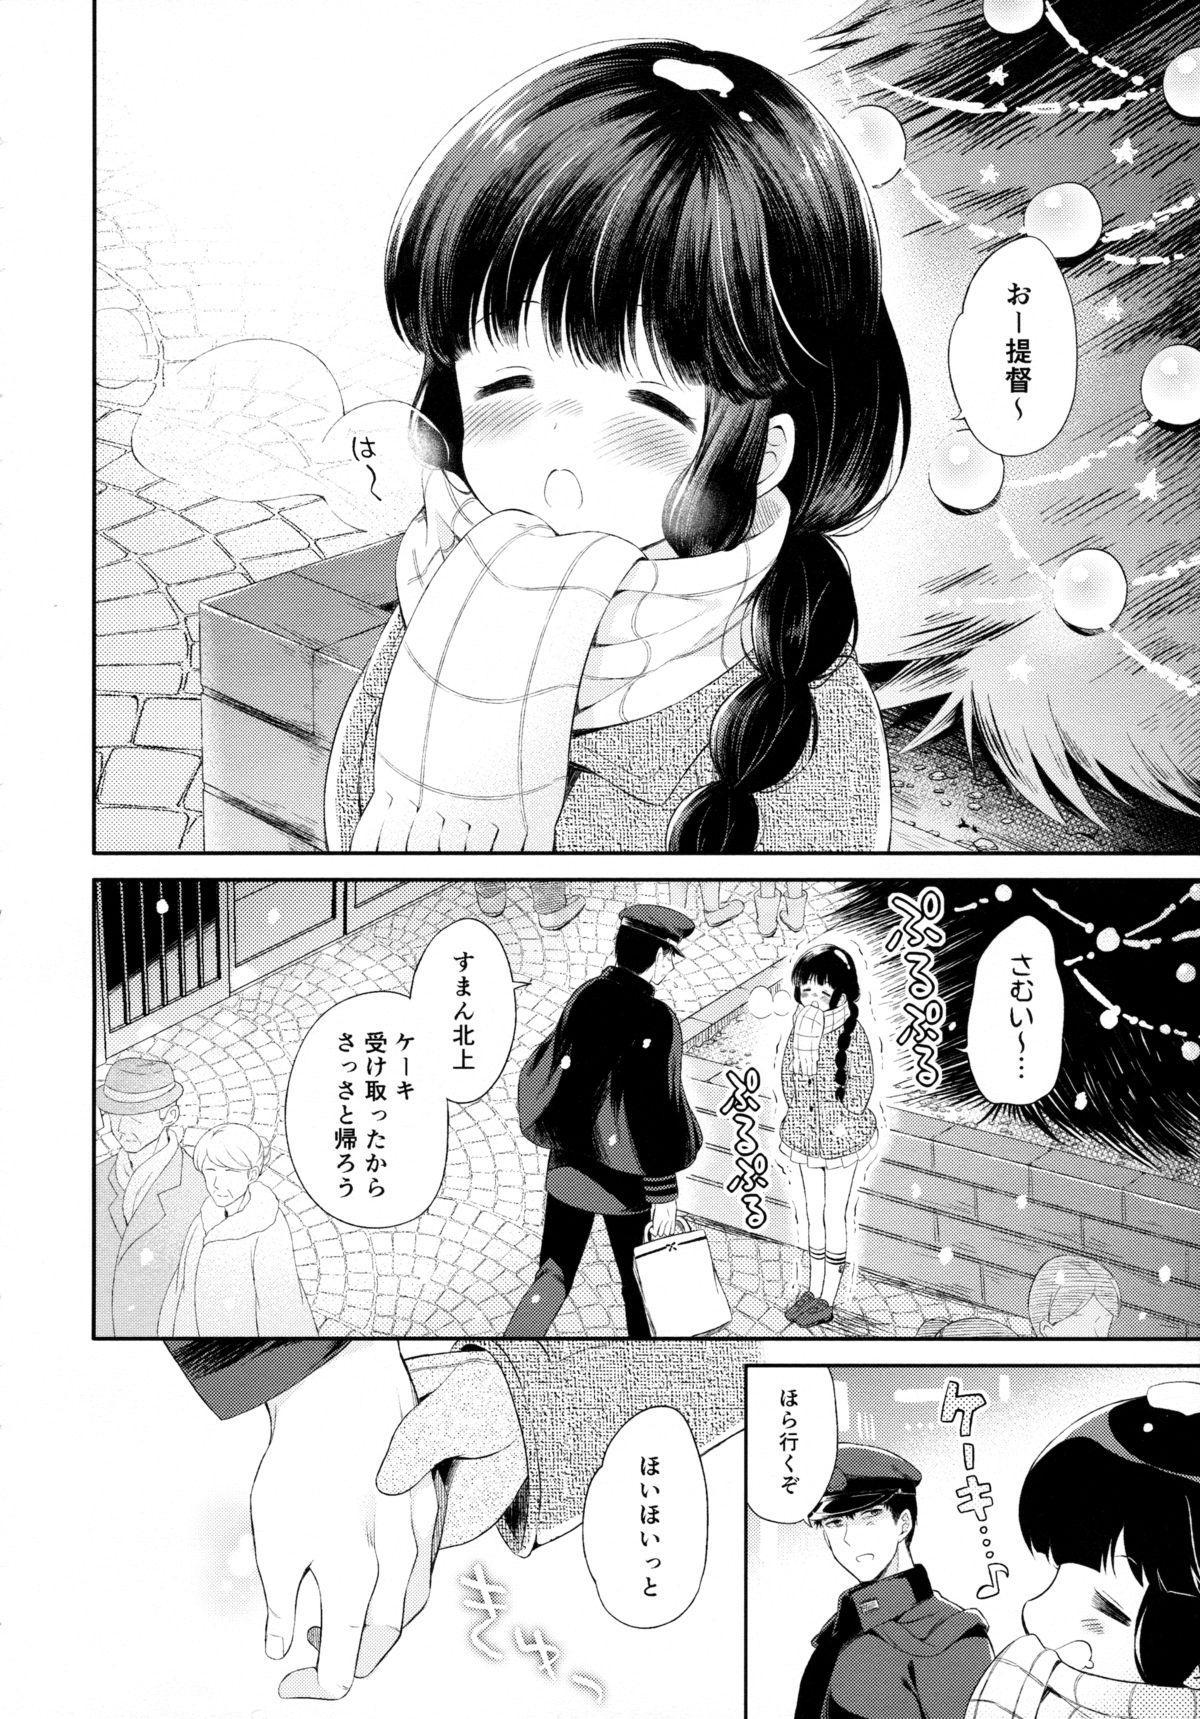 Kitakami-san to Teitoku ga Zutto Issho ni Kurasu Ohanashi. 4